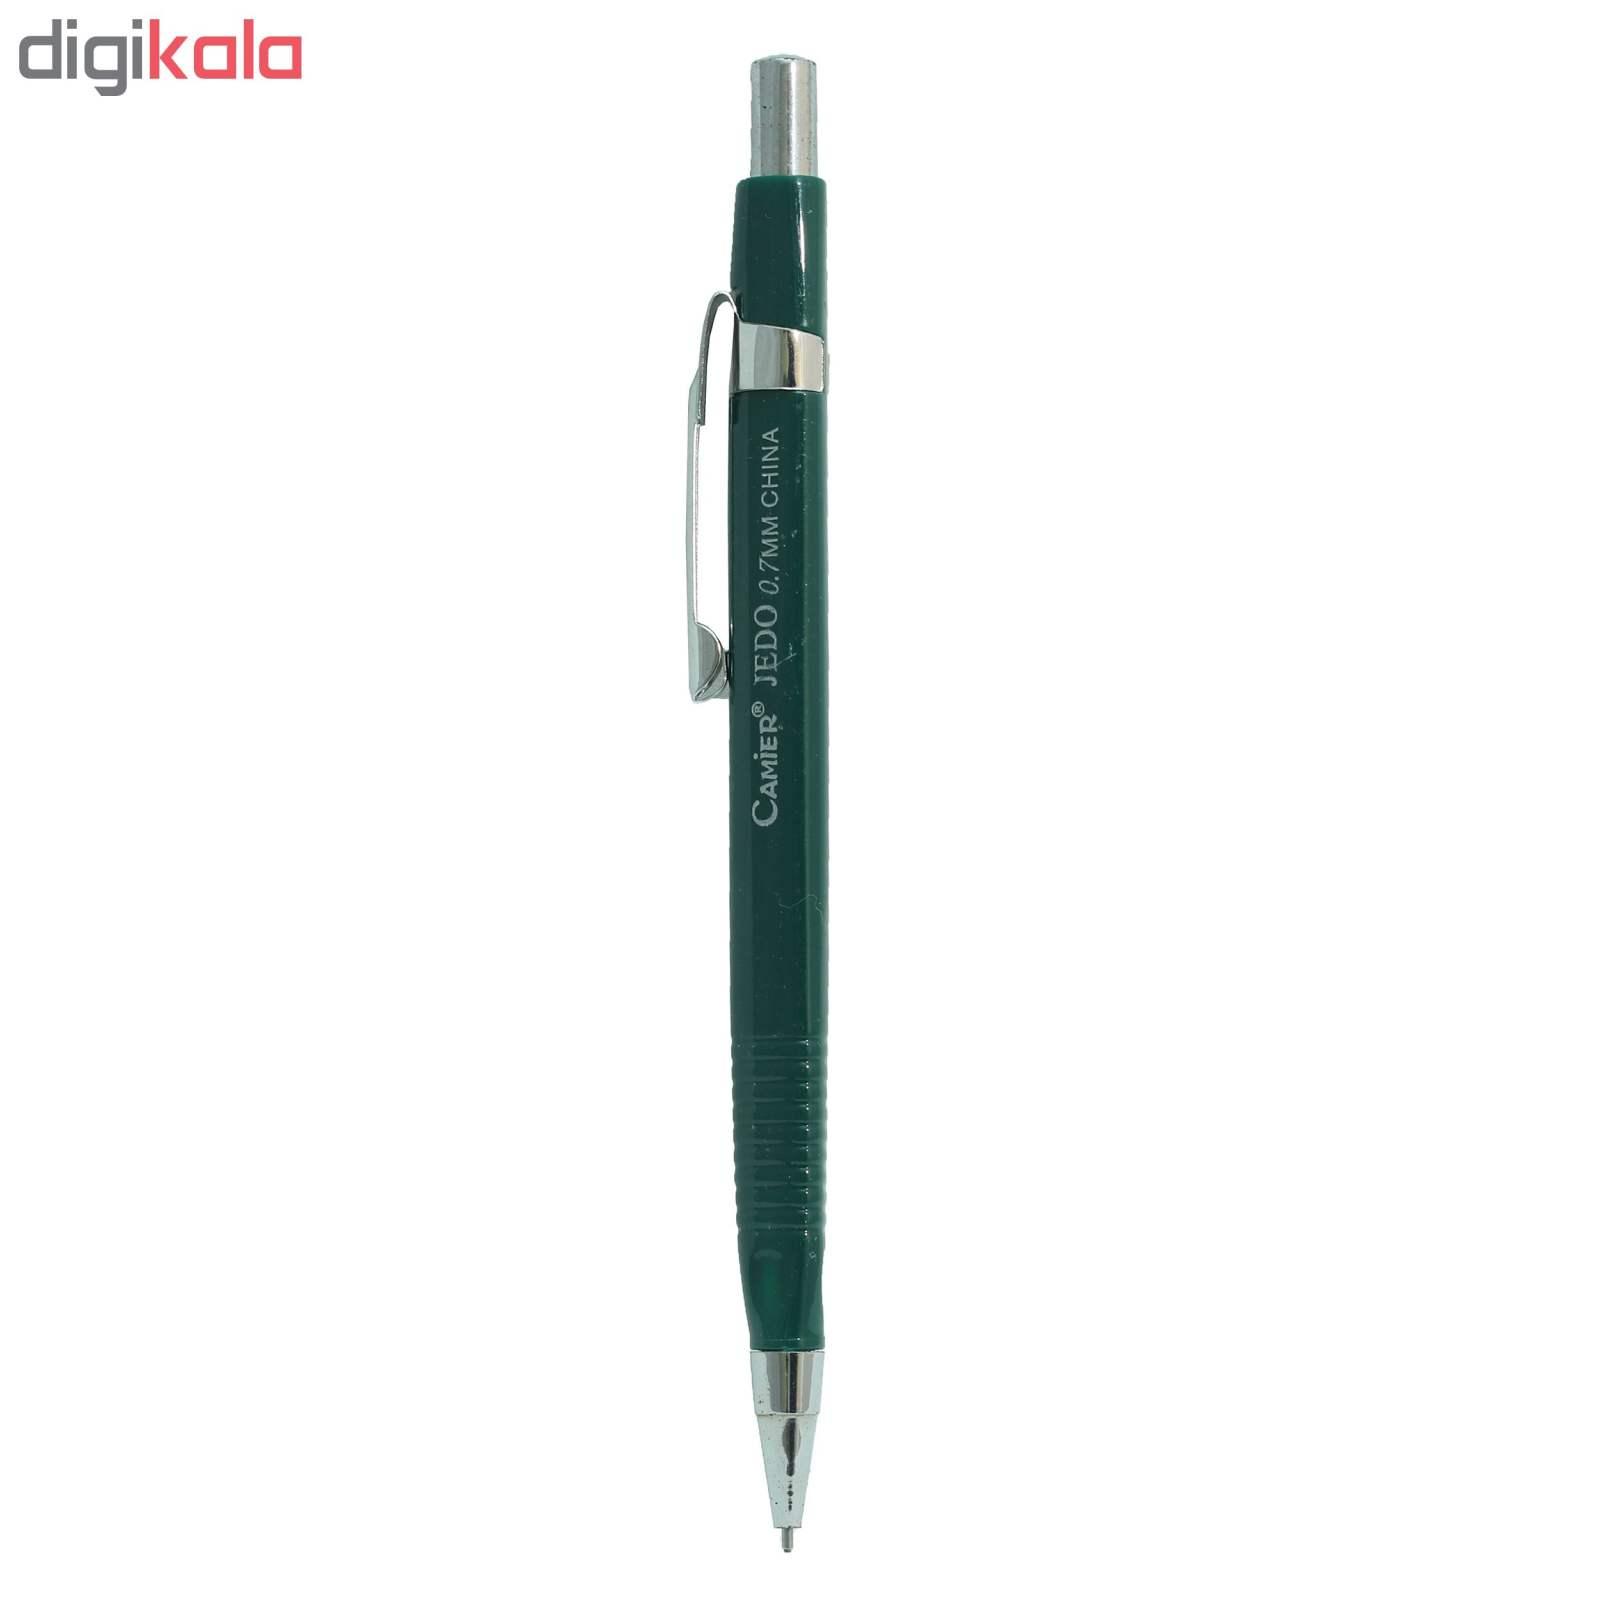 مداد نوکی 0.7 میلی متری جیدو مدل Camier main 1 4